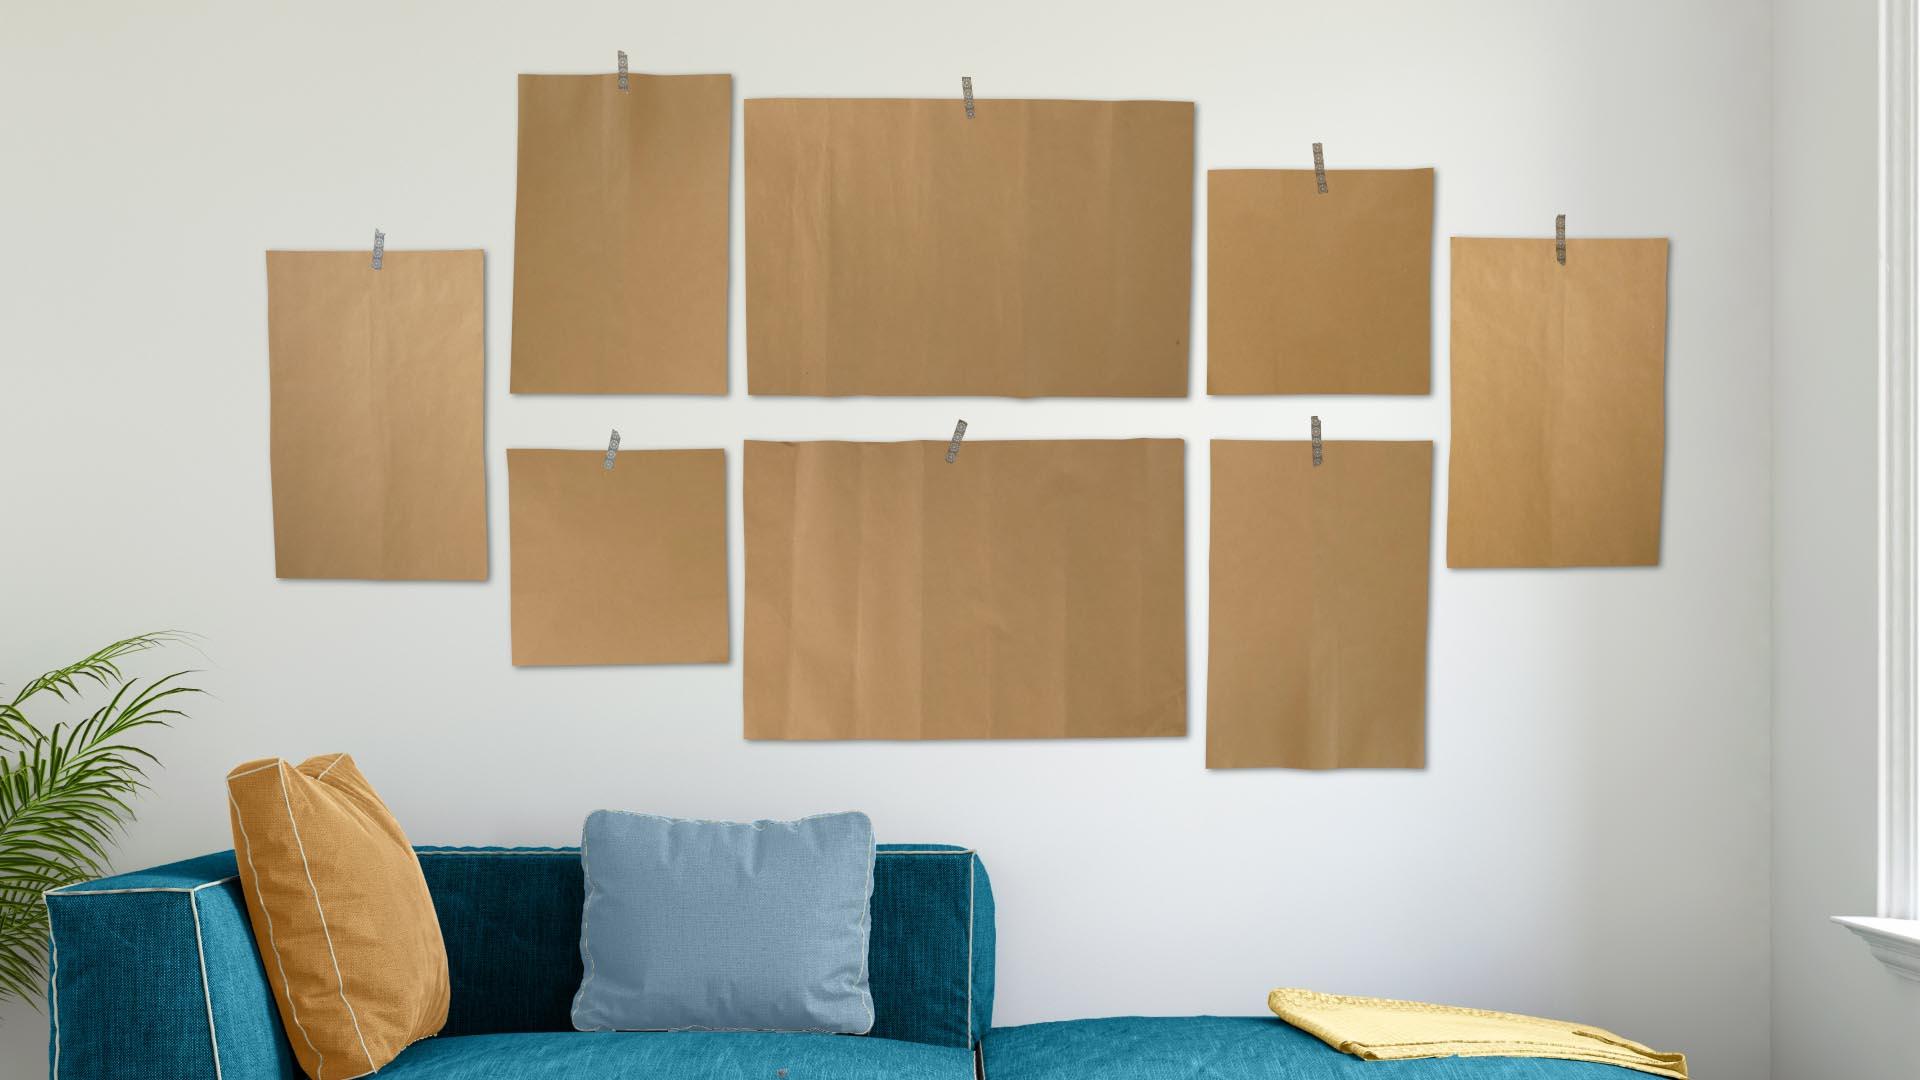 Schablonen an der Wand markieren, wo später die Bilder der Fotowand hängen sollen